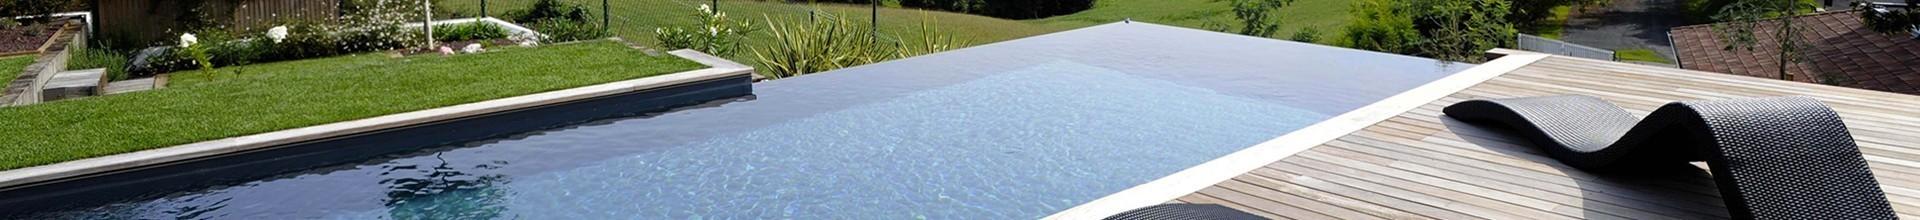 Haute-Garonne Occitanie nettoyage d'une piscine en béton